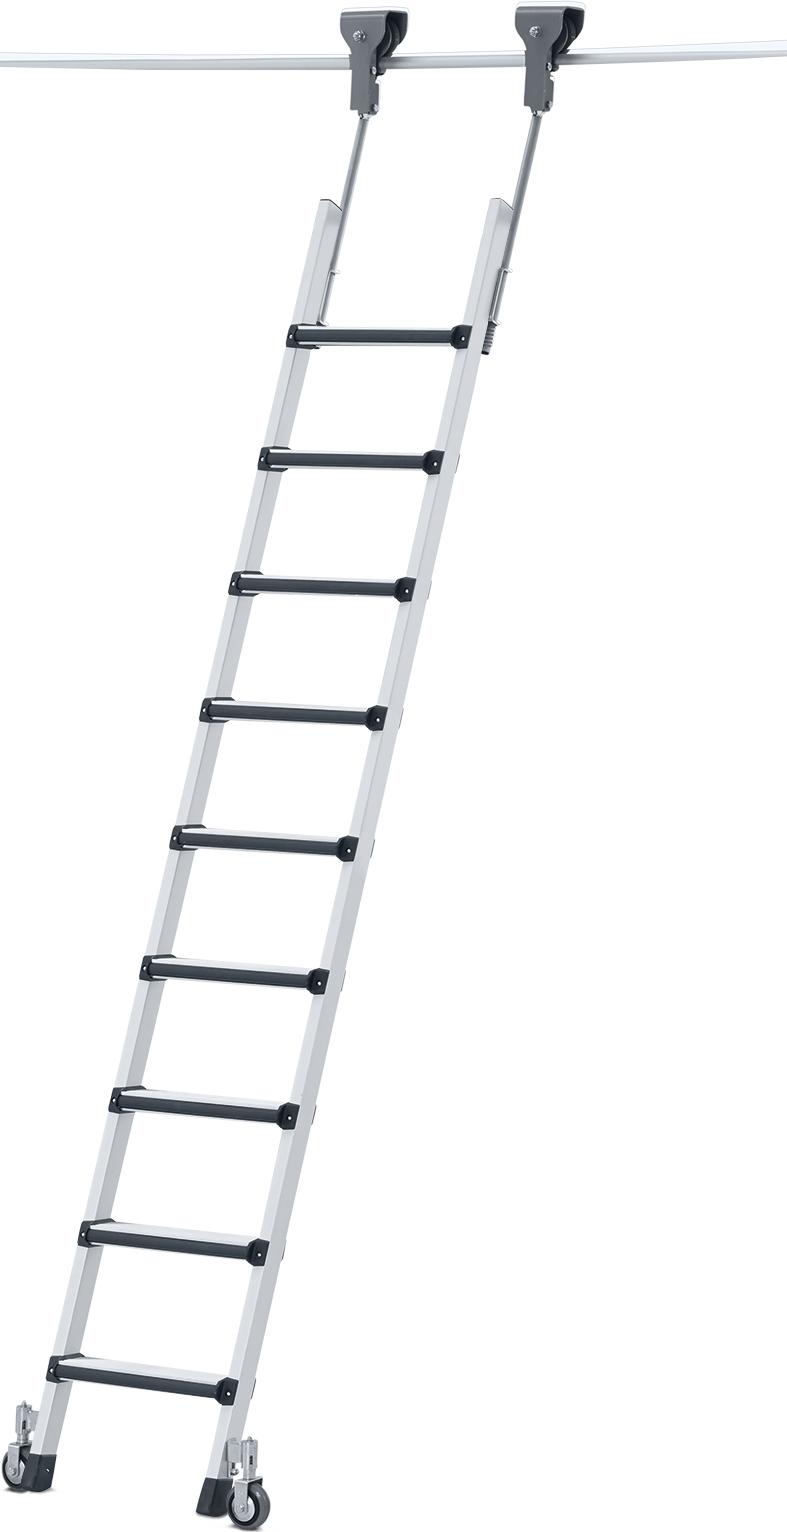 ZARGES Leiter Regalleiter fahrbar Comfortstep Trec LH - Stufen